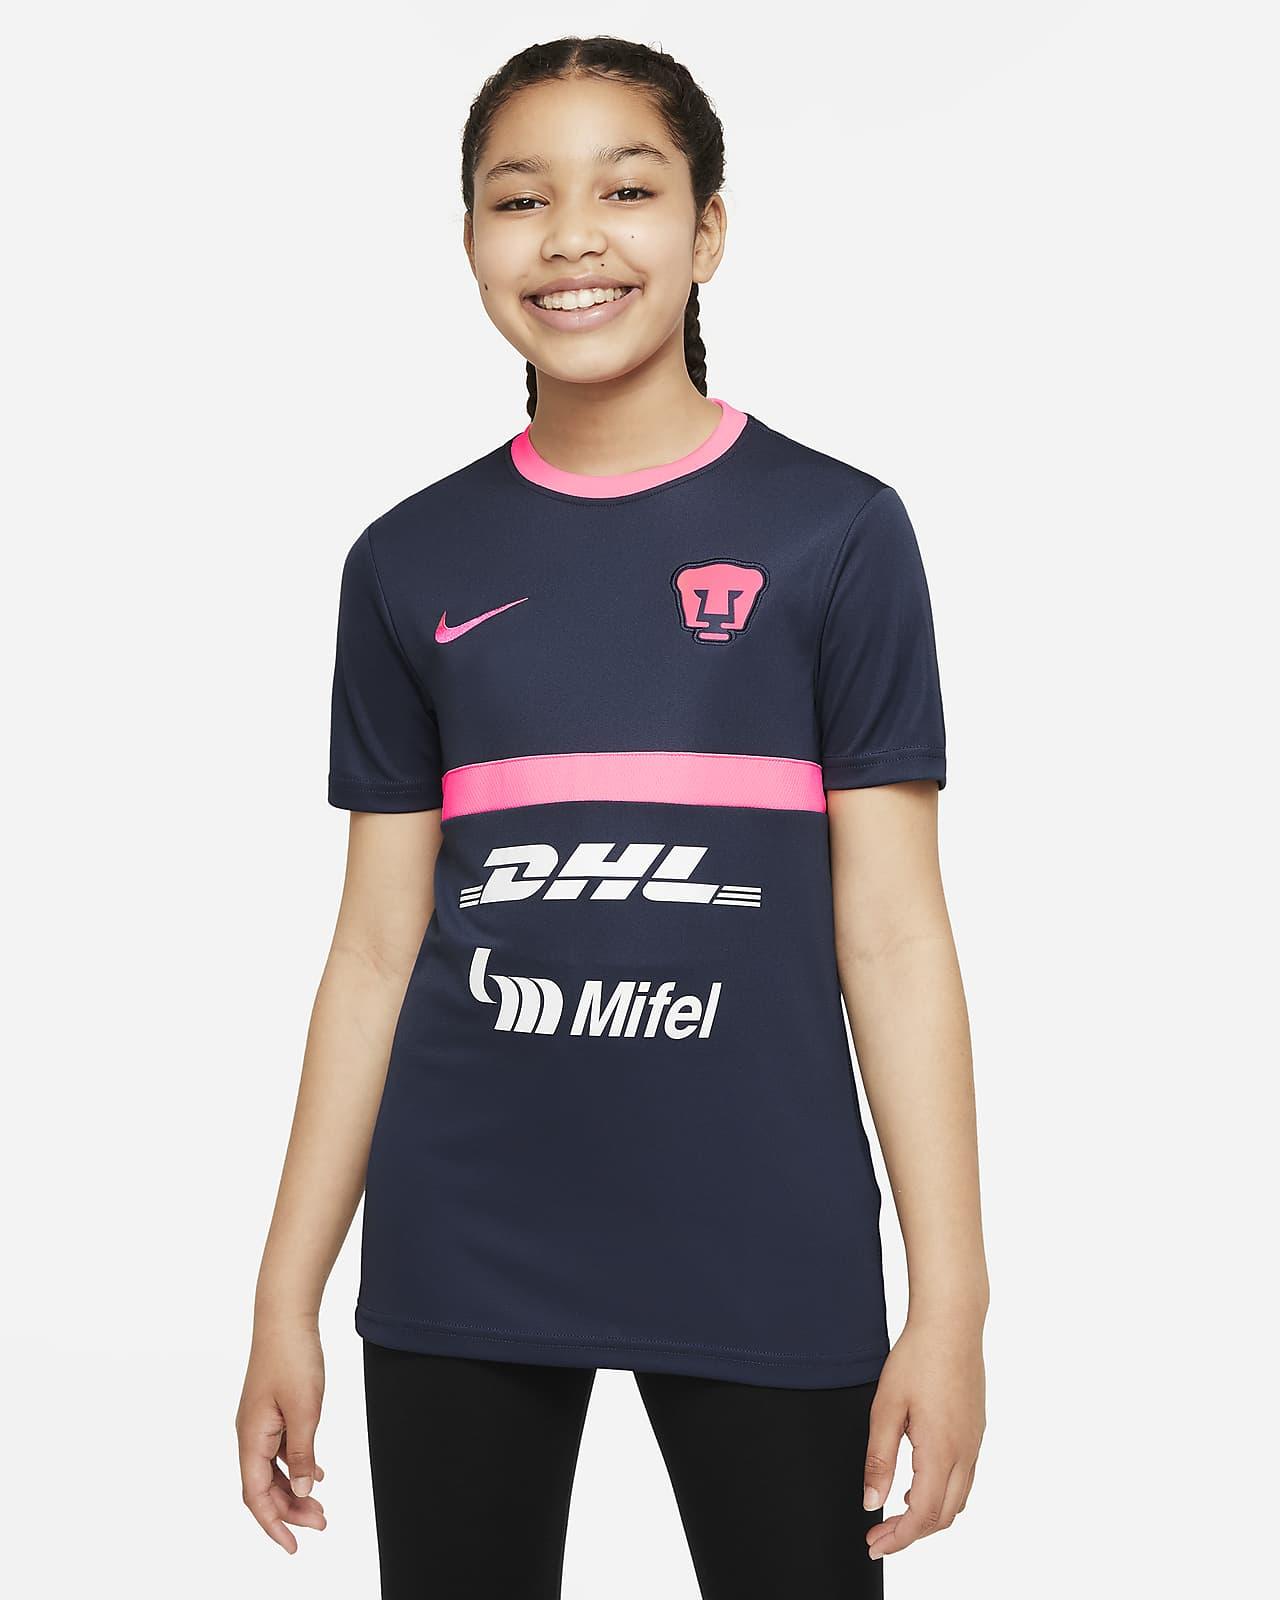 Playera de fútbol de manga corta Nike Dri-FIT para niños talla grande Pumas UNAM Academy Pro